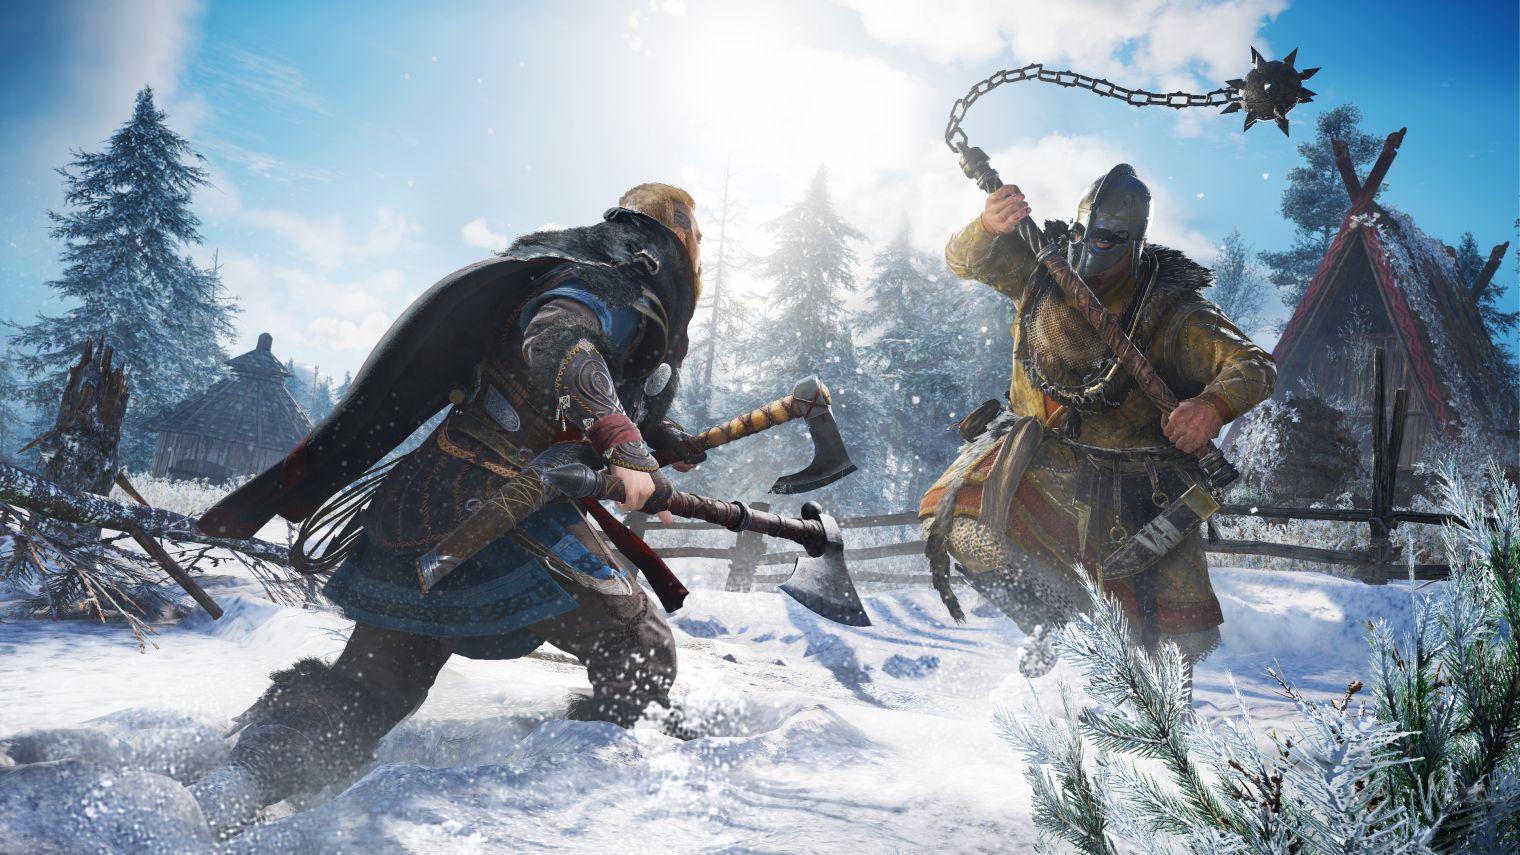 Escenarios impactantes al jugar Assassins Creed Valhalla jugar